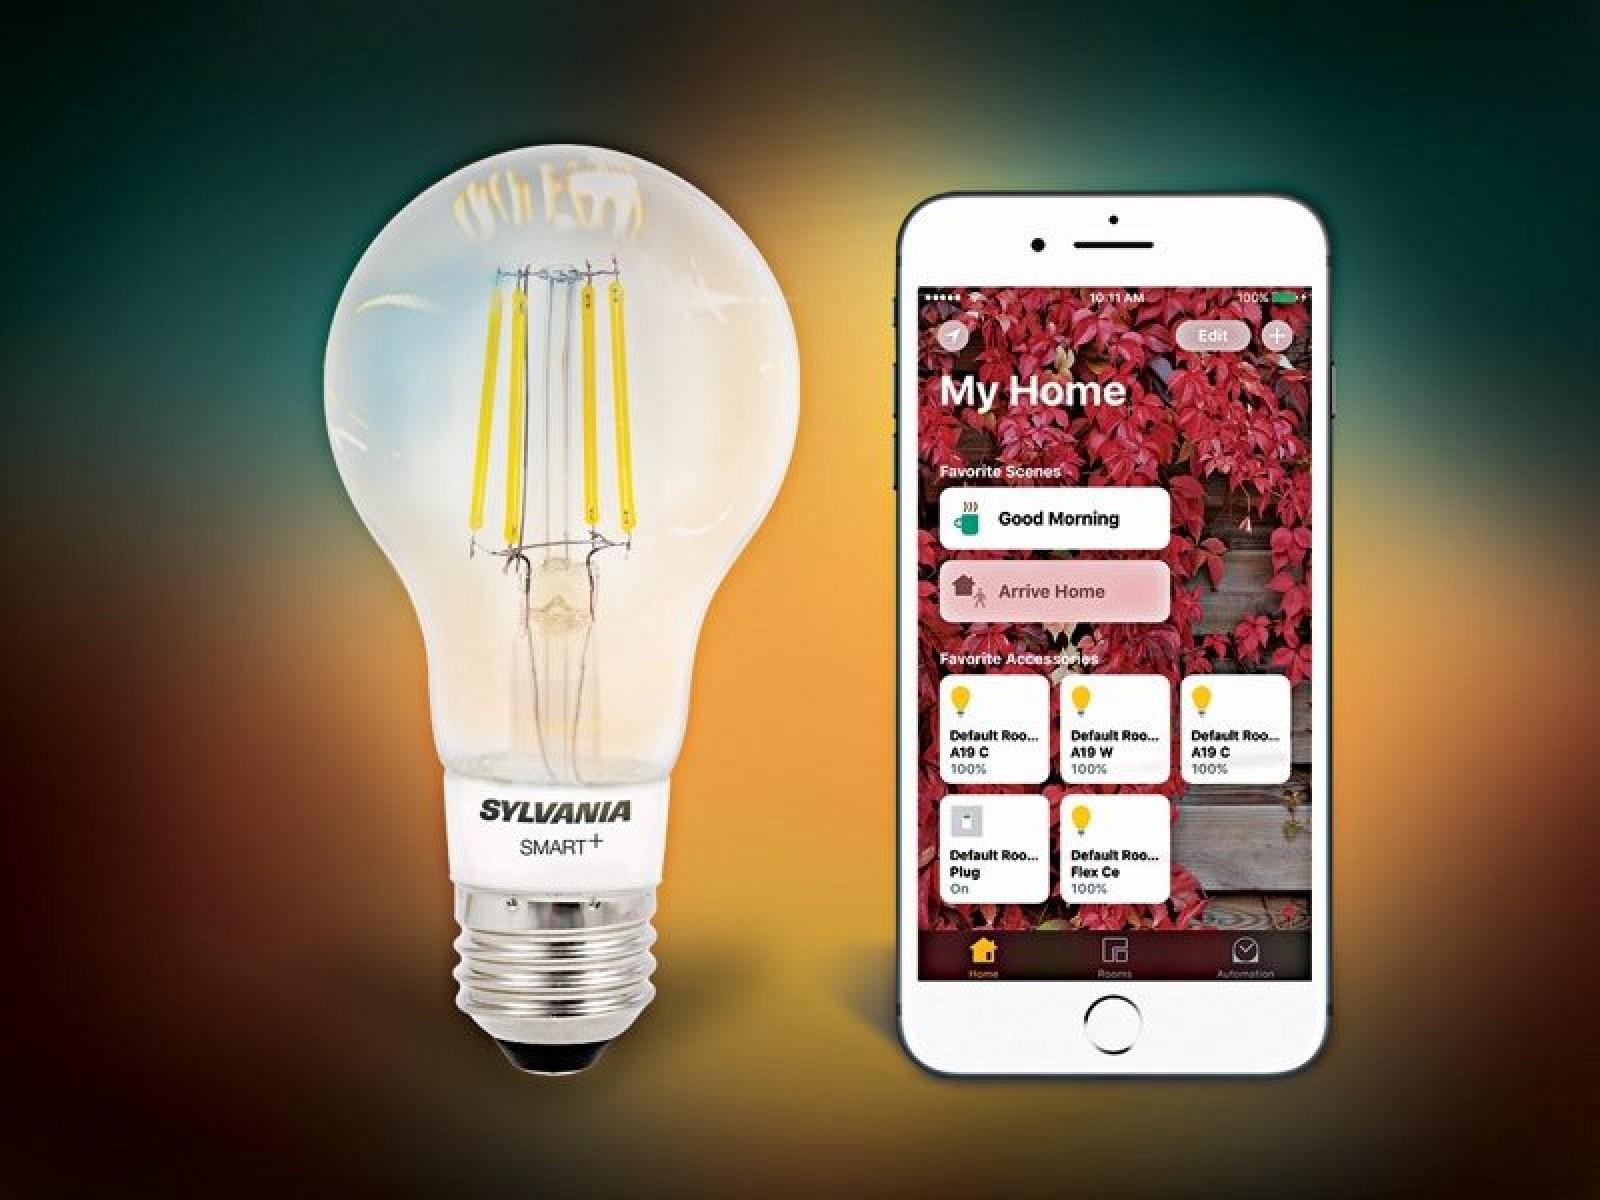 Ledvance introduces new homekit enabled sylvania smart filament ledvance introduces new homekit enabled sylvania smart filament light bulb mac rumors arubaitofo Choice Image